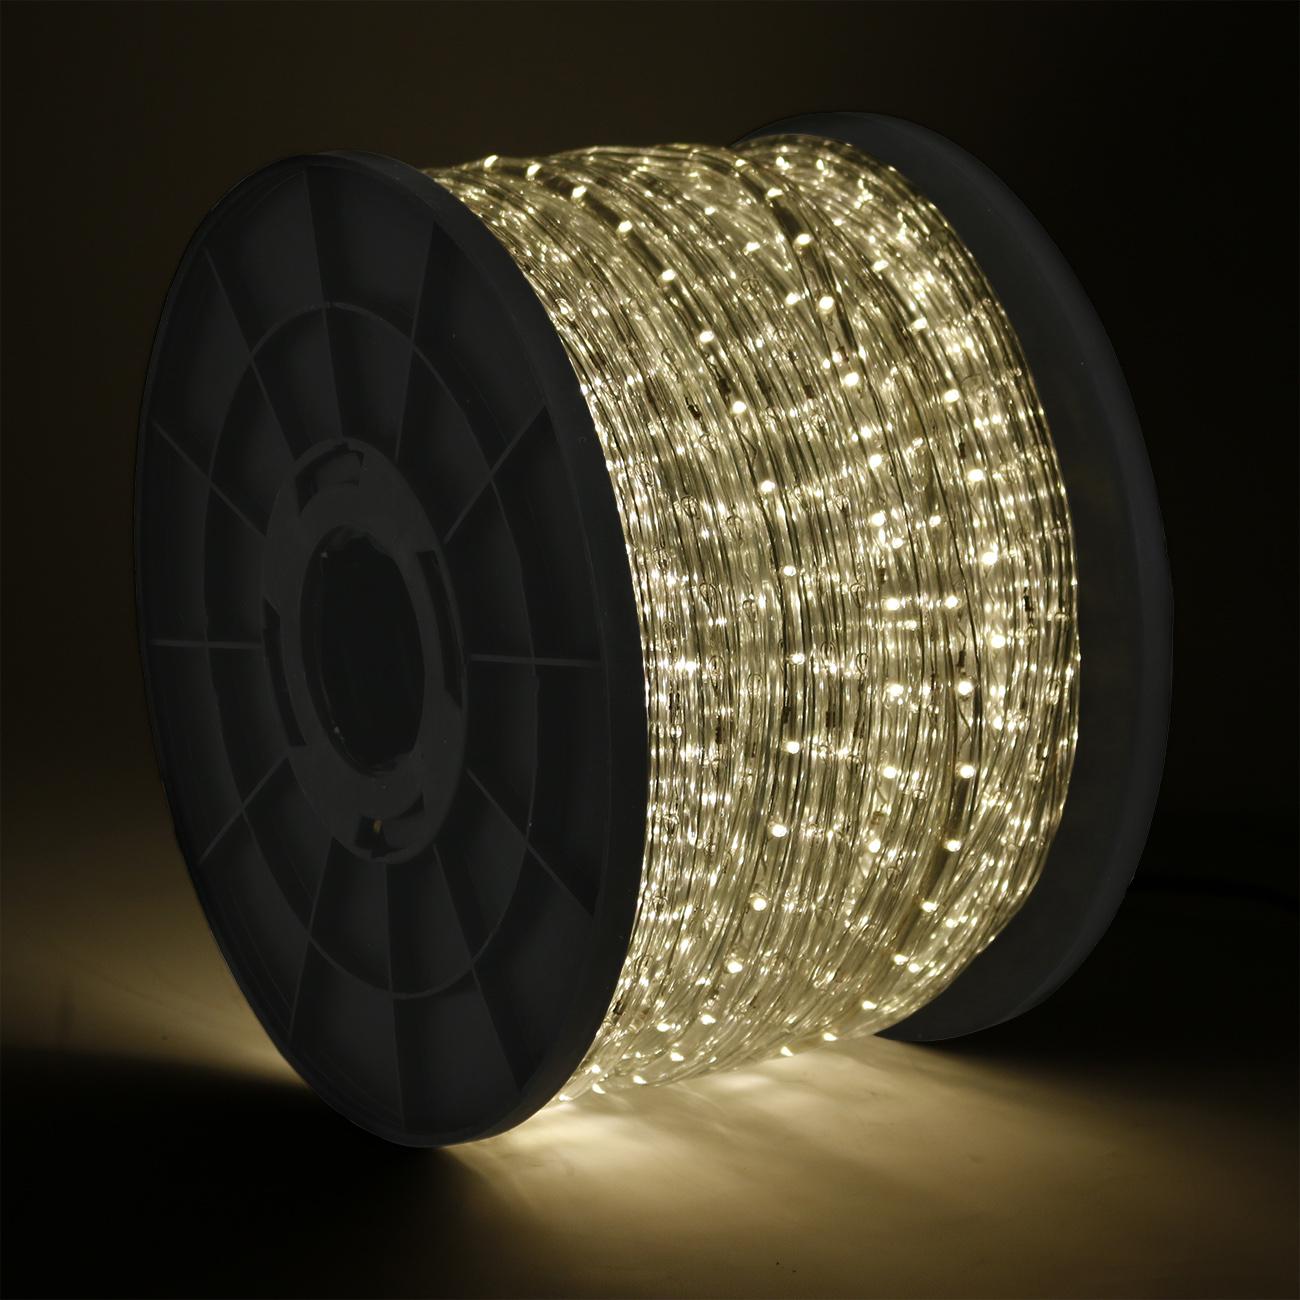 50 100 150 300ft led rope light 110v home party christmas 50 100 150 300ft led rope light 110v